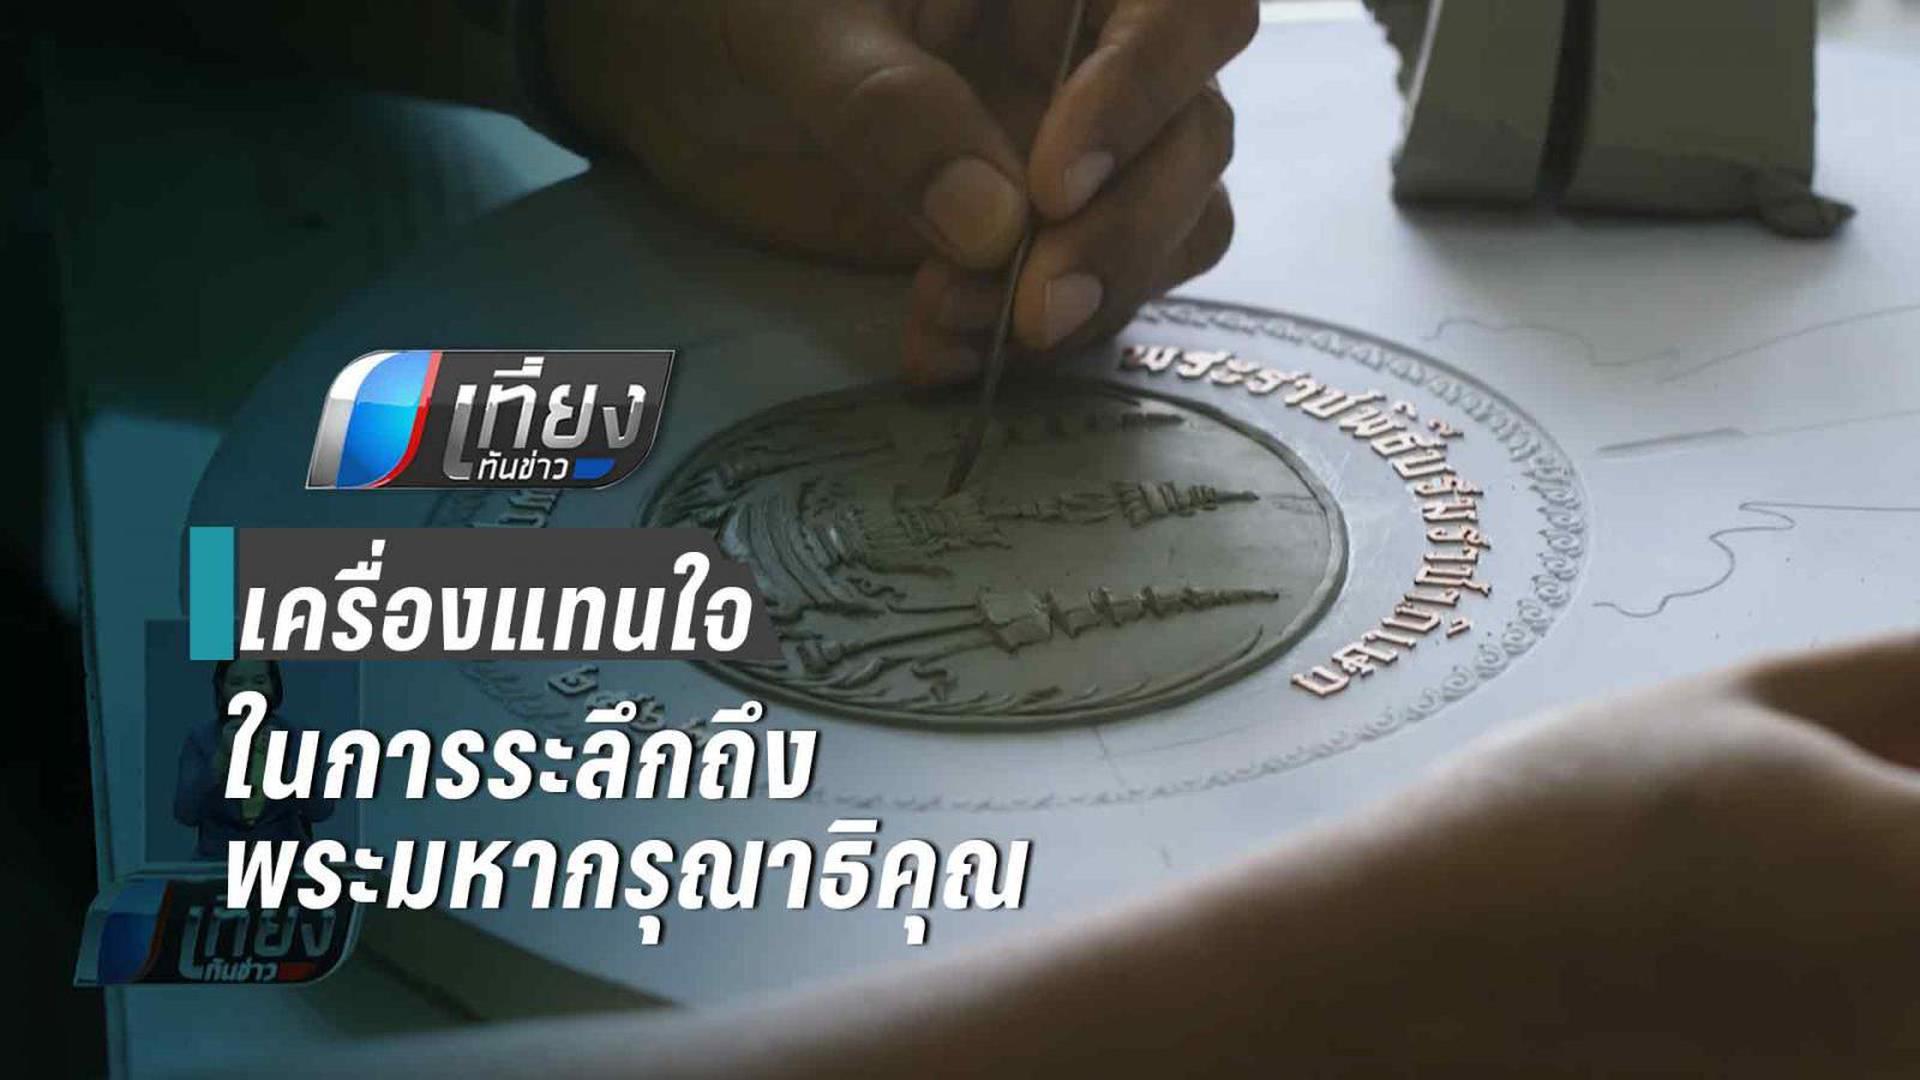 เปิดความวิจิตร เหรียญเฉลิมพระเกียรติพระราชพิธีบรมราชาภิเษก 2562